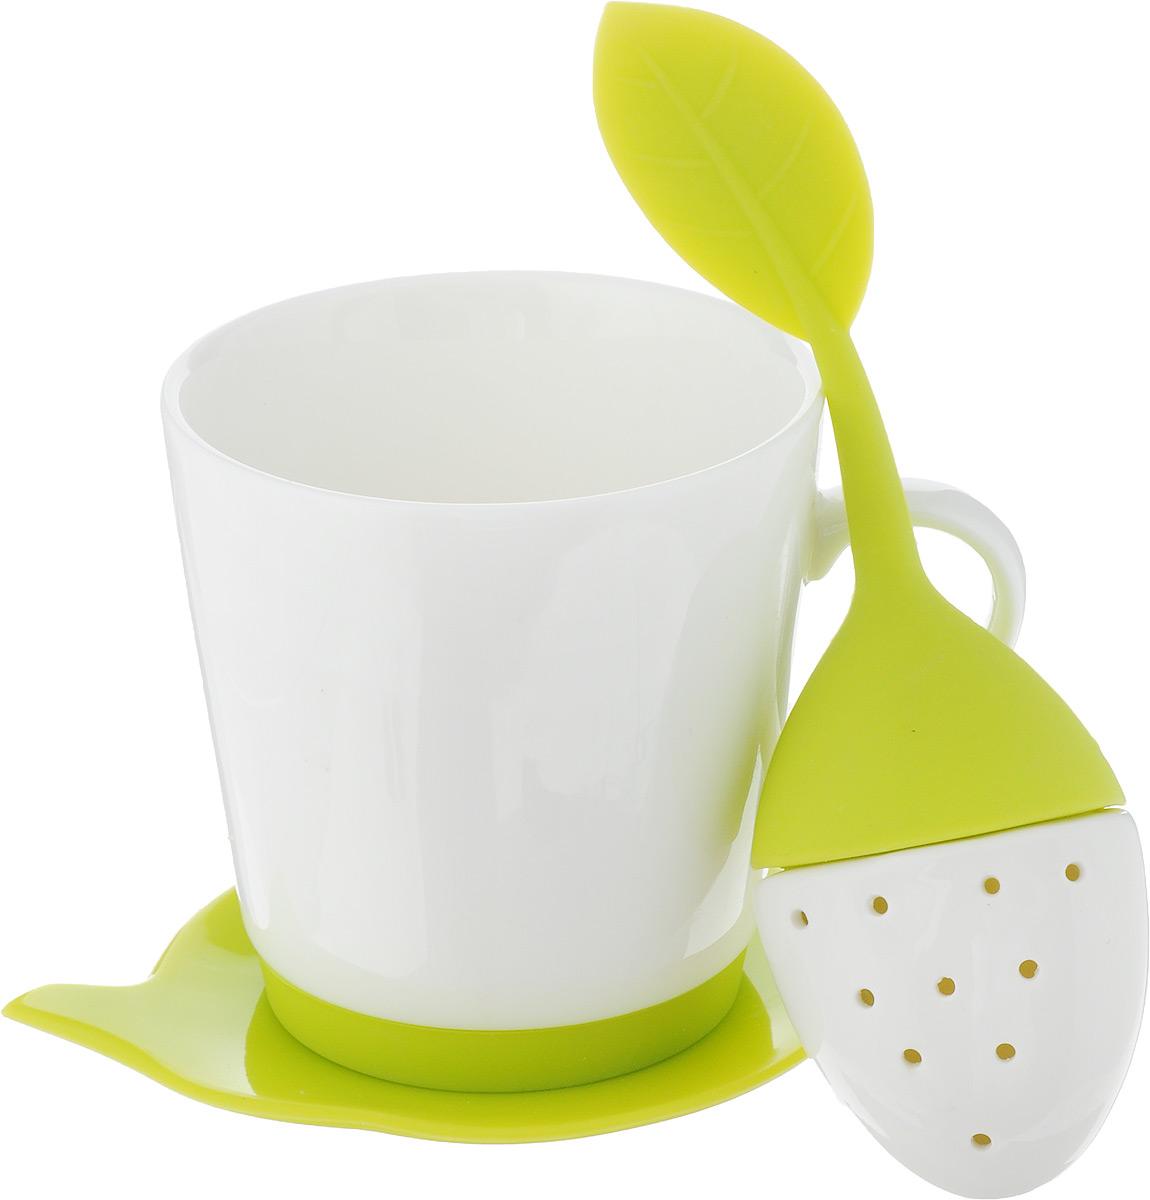 Набор чайный Oursson, цвет: белый, салатовый, 3 предметаTW89559/GAНабор для чая Oursson состоит из кружки, ситечка и подставки для чайного пакетика. Ситечко и подставка выполнены из экологически чистого силикона в форме ягодки и чайника. Кружка выполнена из высококачественной керамики с глазурованным покрытием. Основание кружки дополнено силиконовой вставкой. Такой чайный набор прекрасно оформит сервировку стола к чаепитию. Можно мыть в посудомоечной машине и использовать в СВЧ-печи. Объем кружки: 200 мл. Диаметр кружки (по верхнему краю): 8 см. Высота кружки: 8,5 см. Размер подставки: 12,5 х 10,5 х 1 см. Размер ситечка: 17 х 5,5 х 1,5 см.